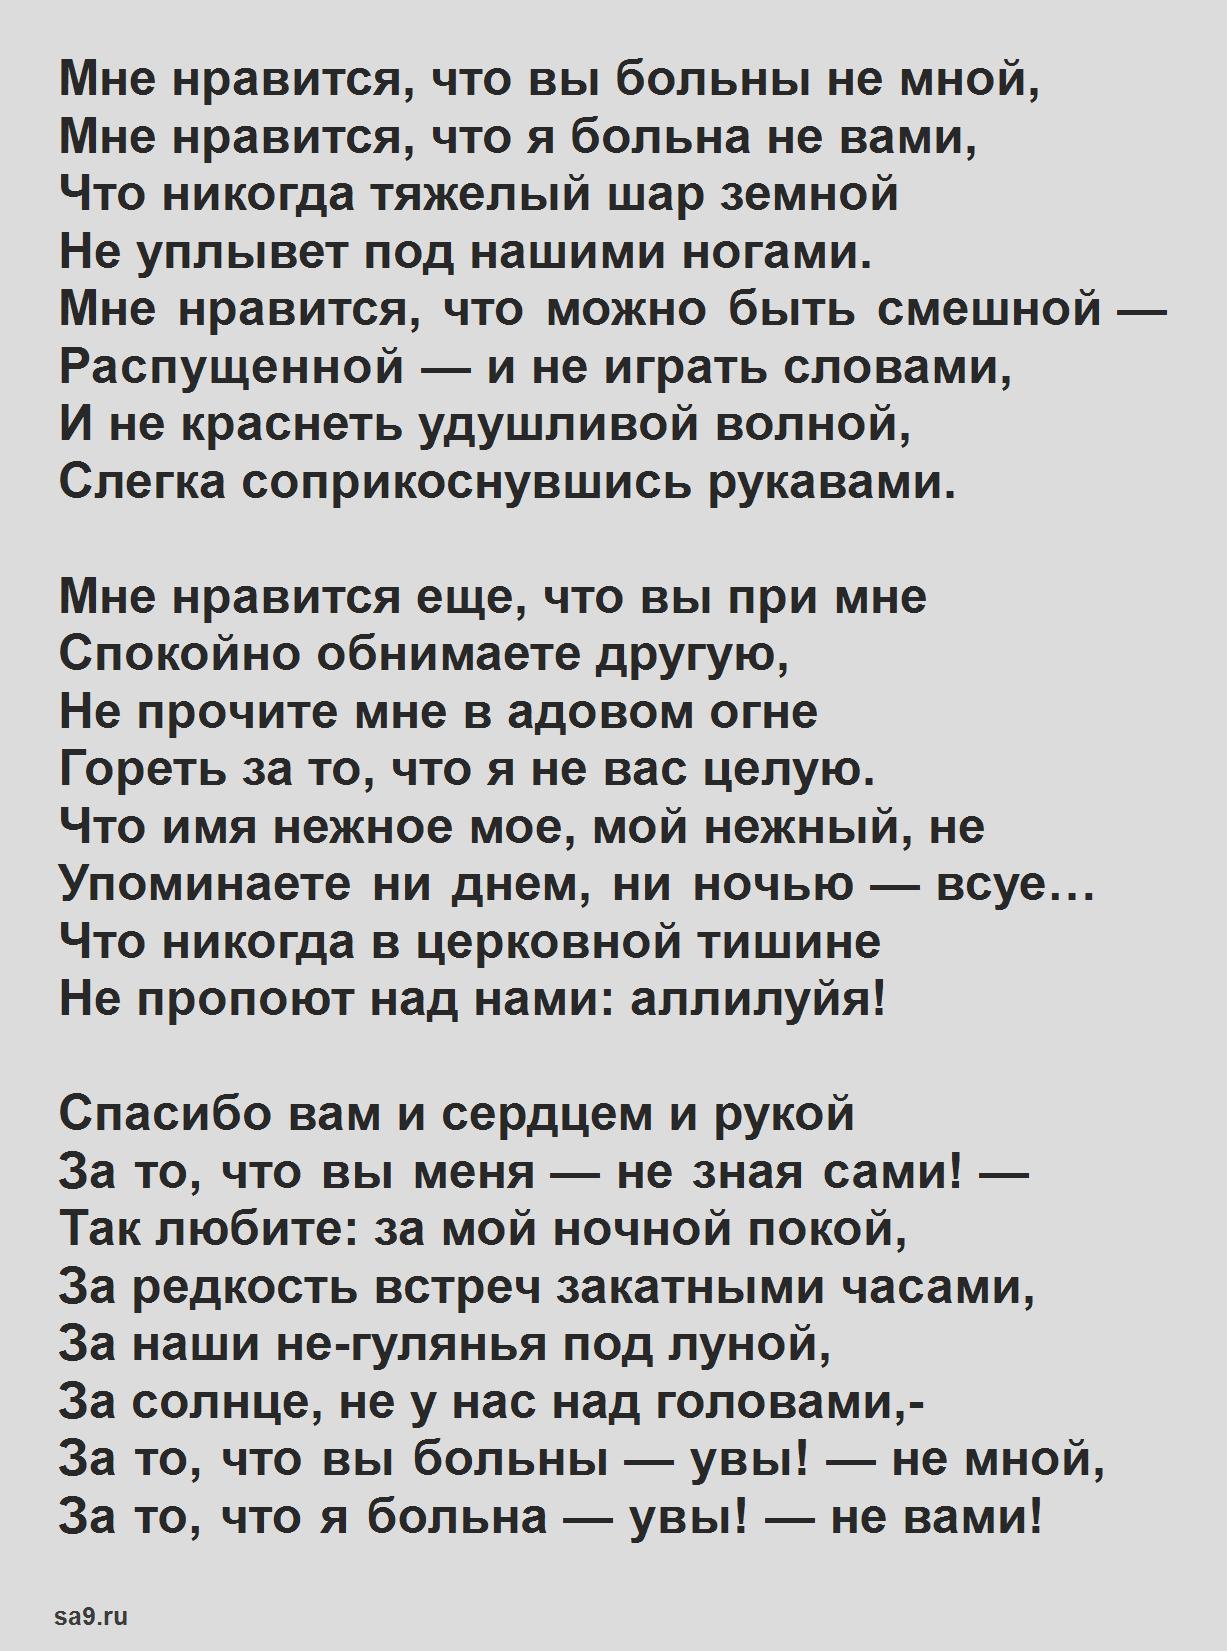 Стих Цветаевой - Мне нравится, что вы больны не мной